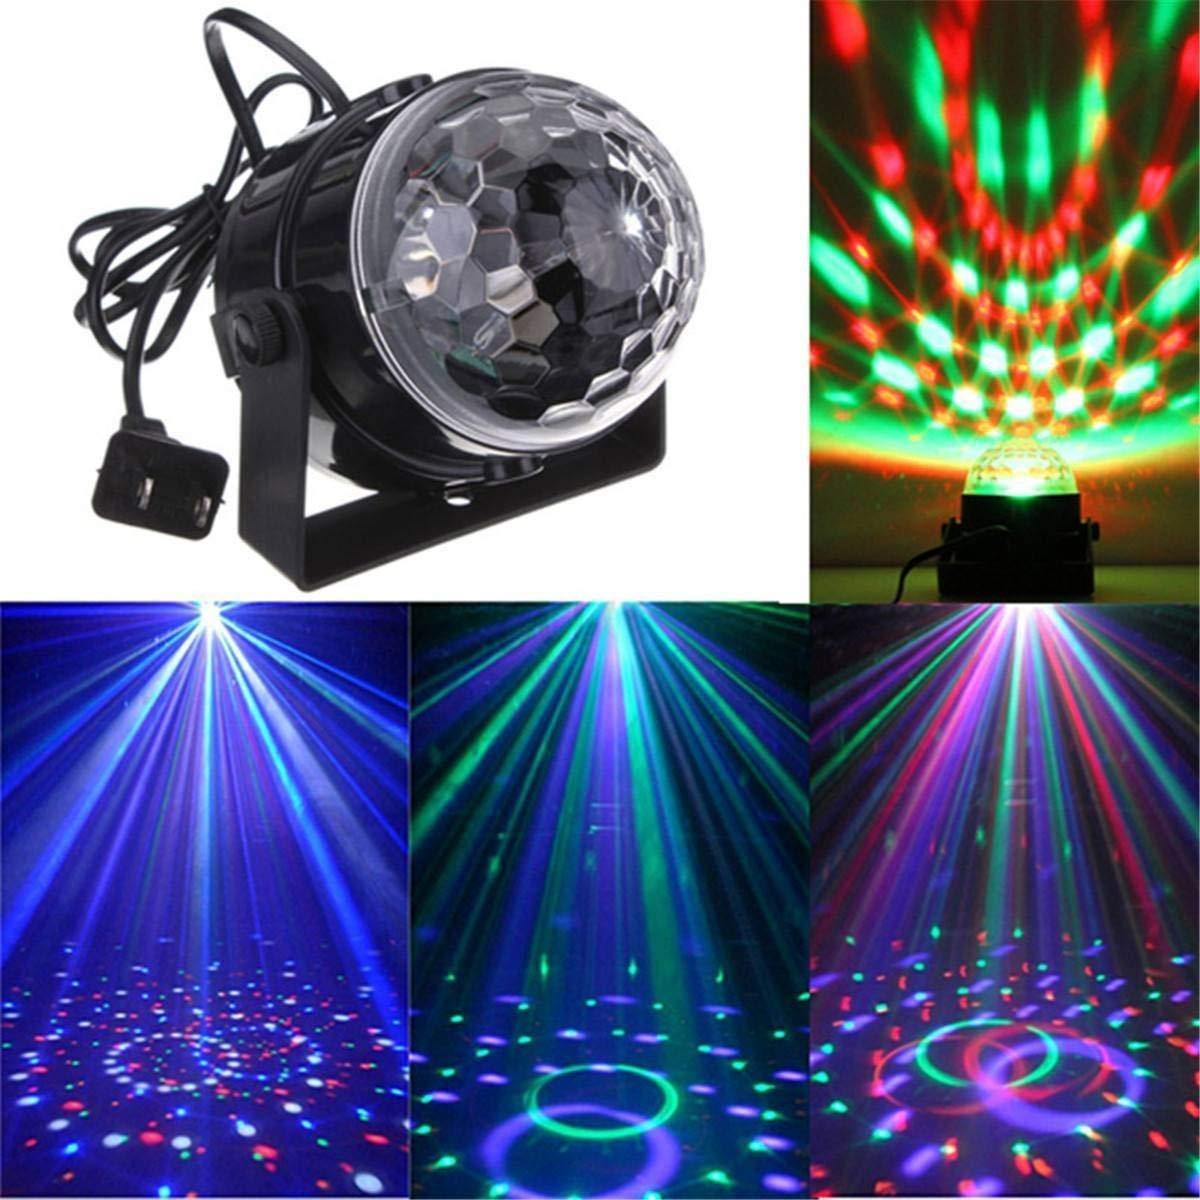 ПАРТИ СВЕТЛИНИ:музикално светлинно лазерно кълбо LED Cryst magic ball light XC-01 с флашка